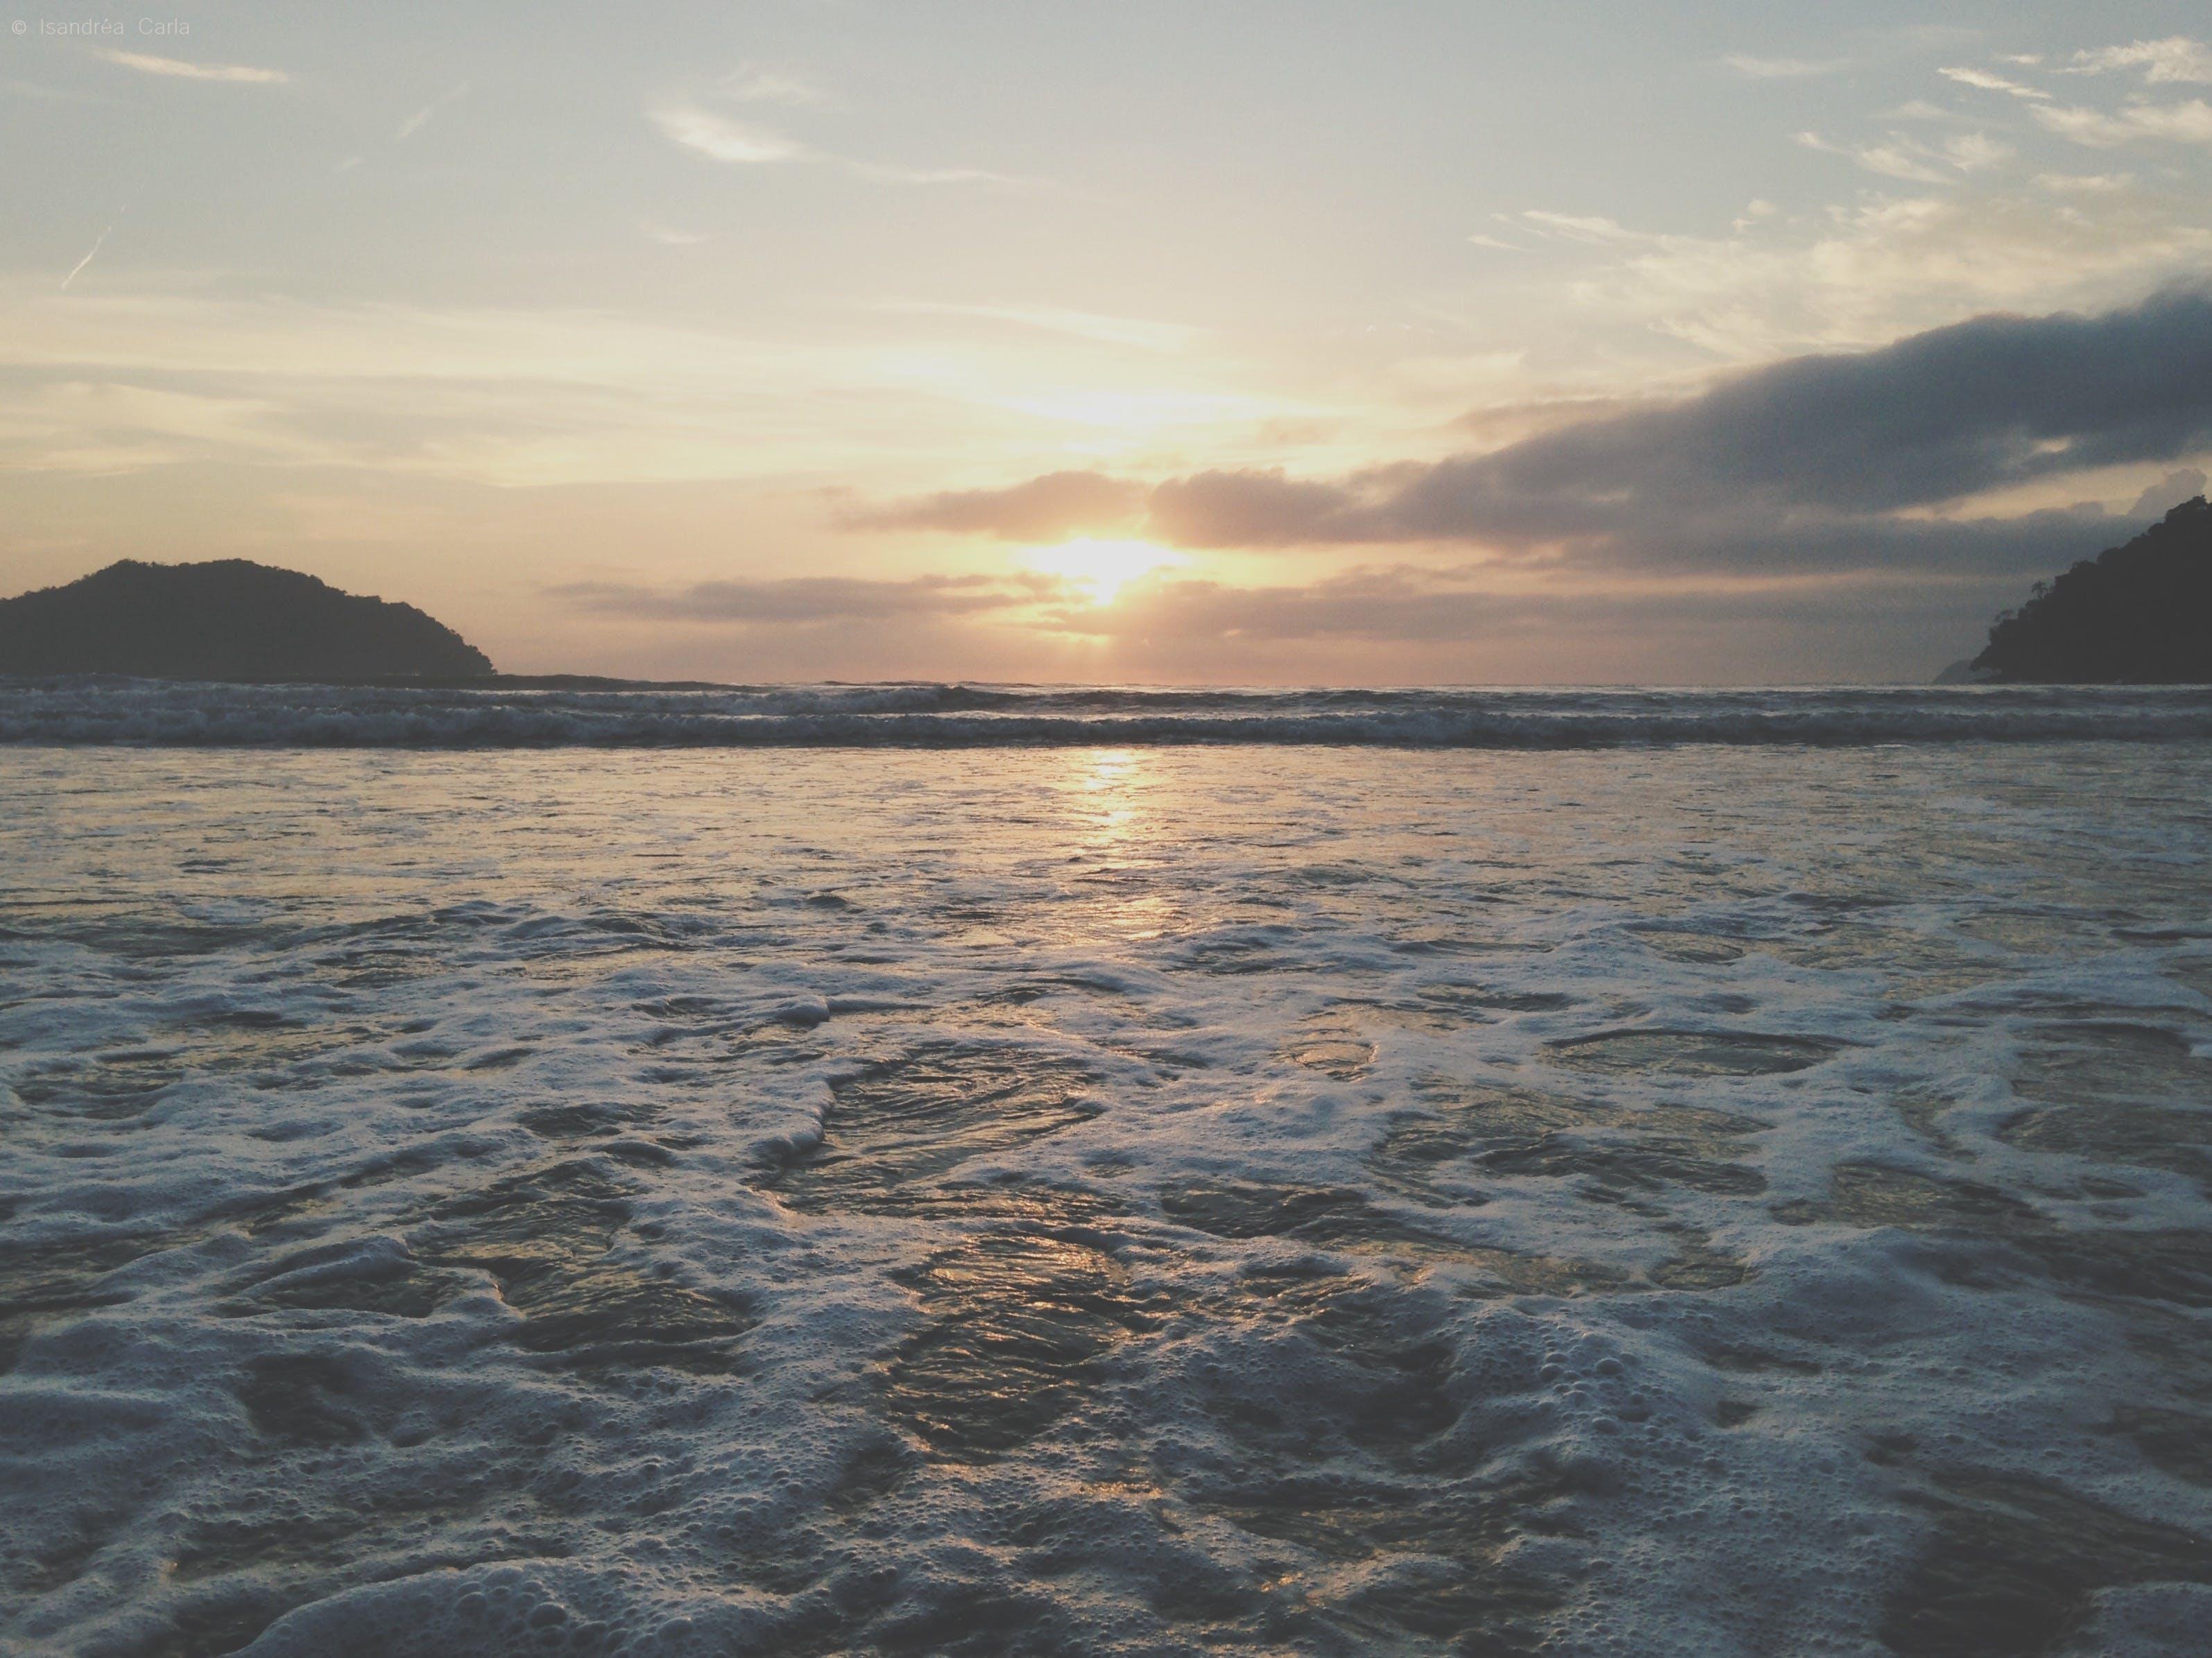 Δωρεάν στοκ φωτογραφιών με #mobilechallenge, #outdoorchallenge, #θάλασσα, #καλοκαίρι